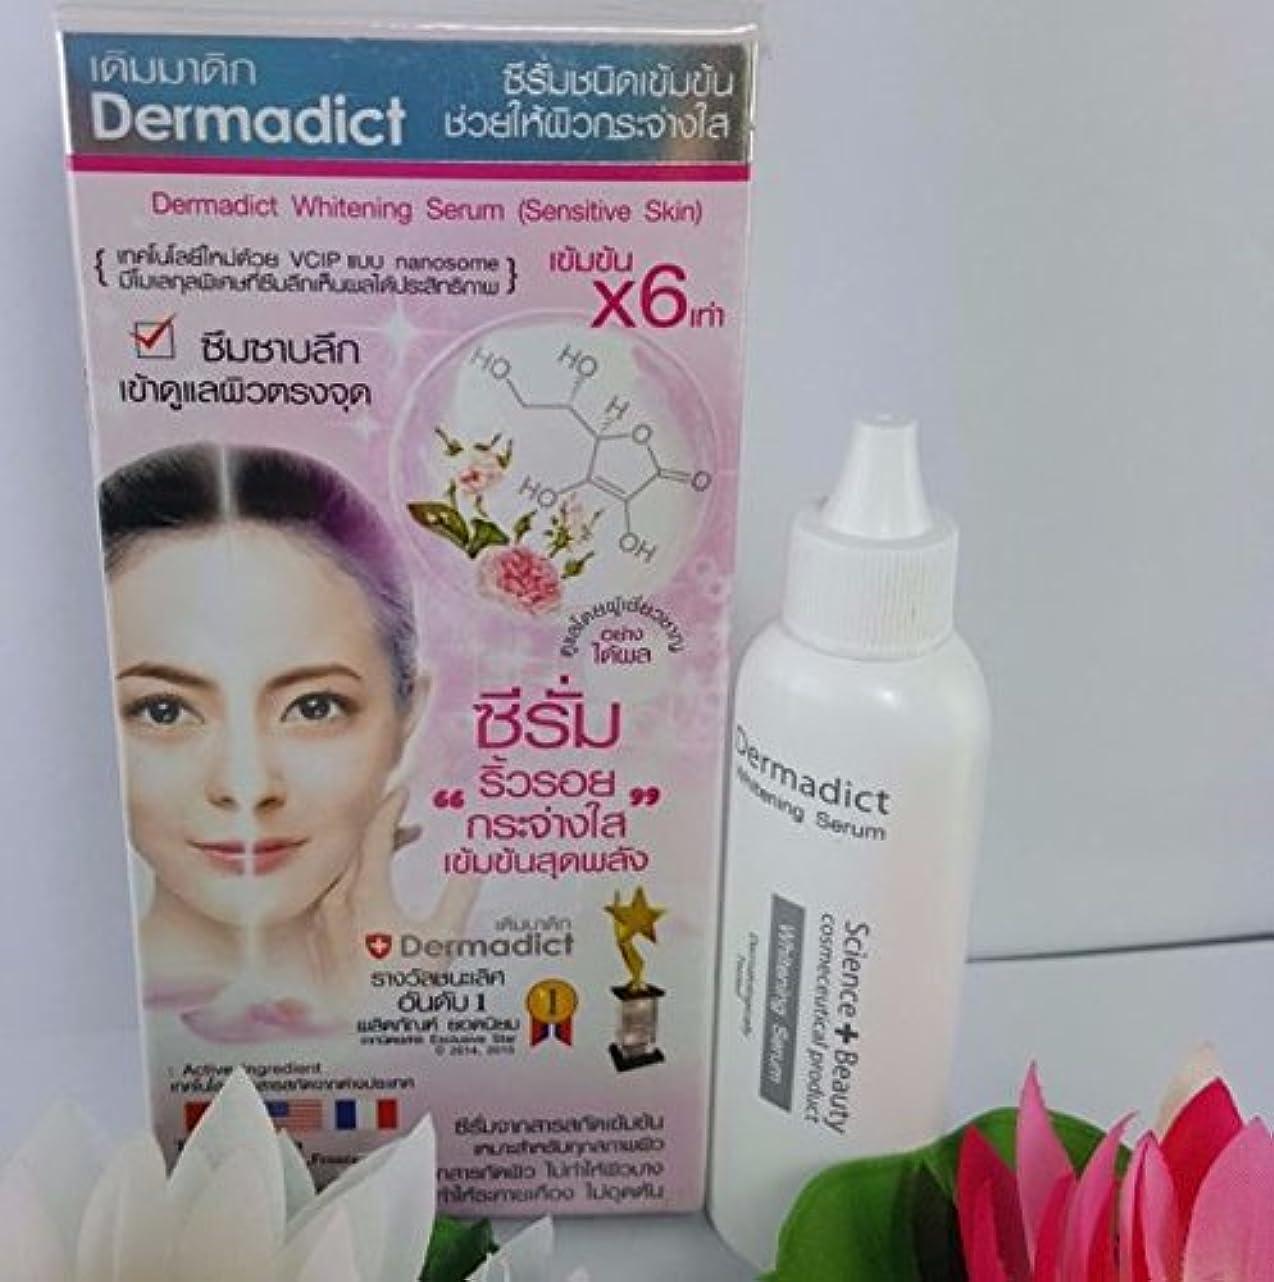 驚くばかり腹部定期的なDERMADICT Whitening Serum Skin Cream Repair Sensitive Skin 15ml